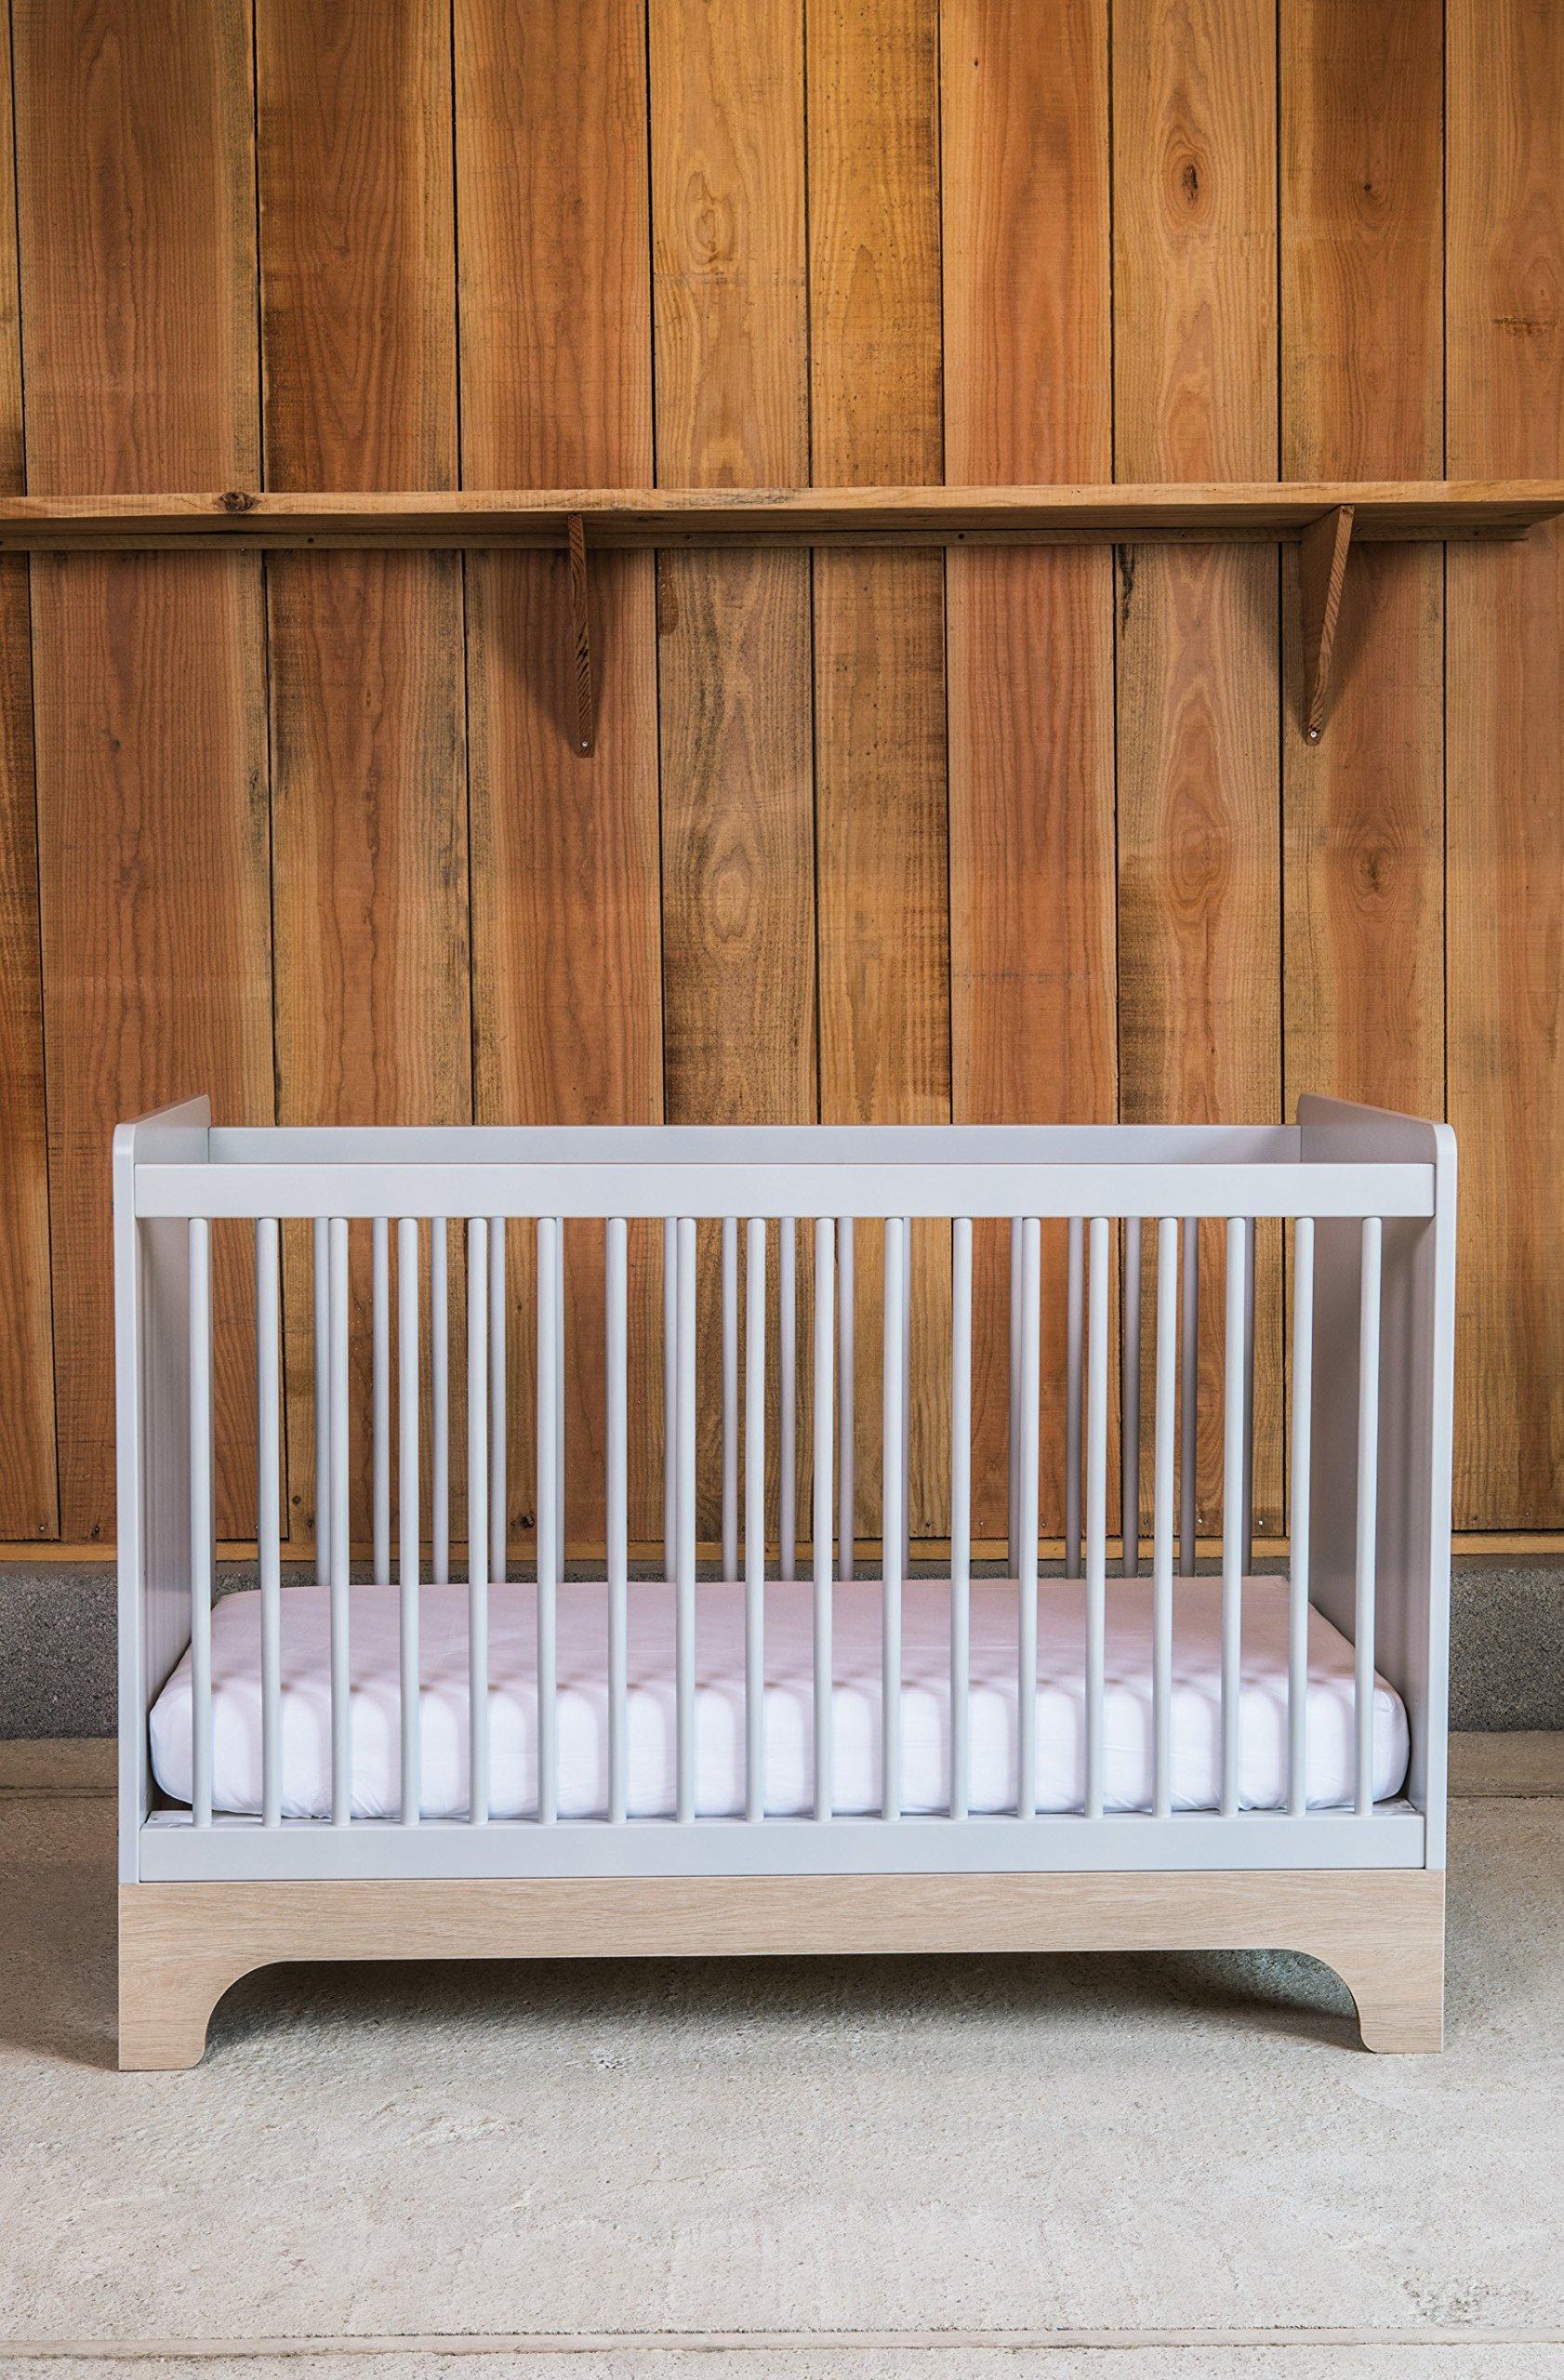 Kadolis Calvi Convertible Bed - 70 x 140 cm Gris claro/Madera   2